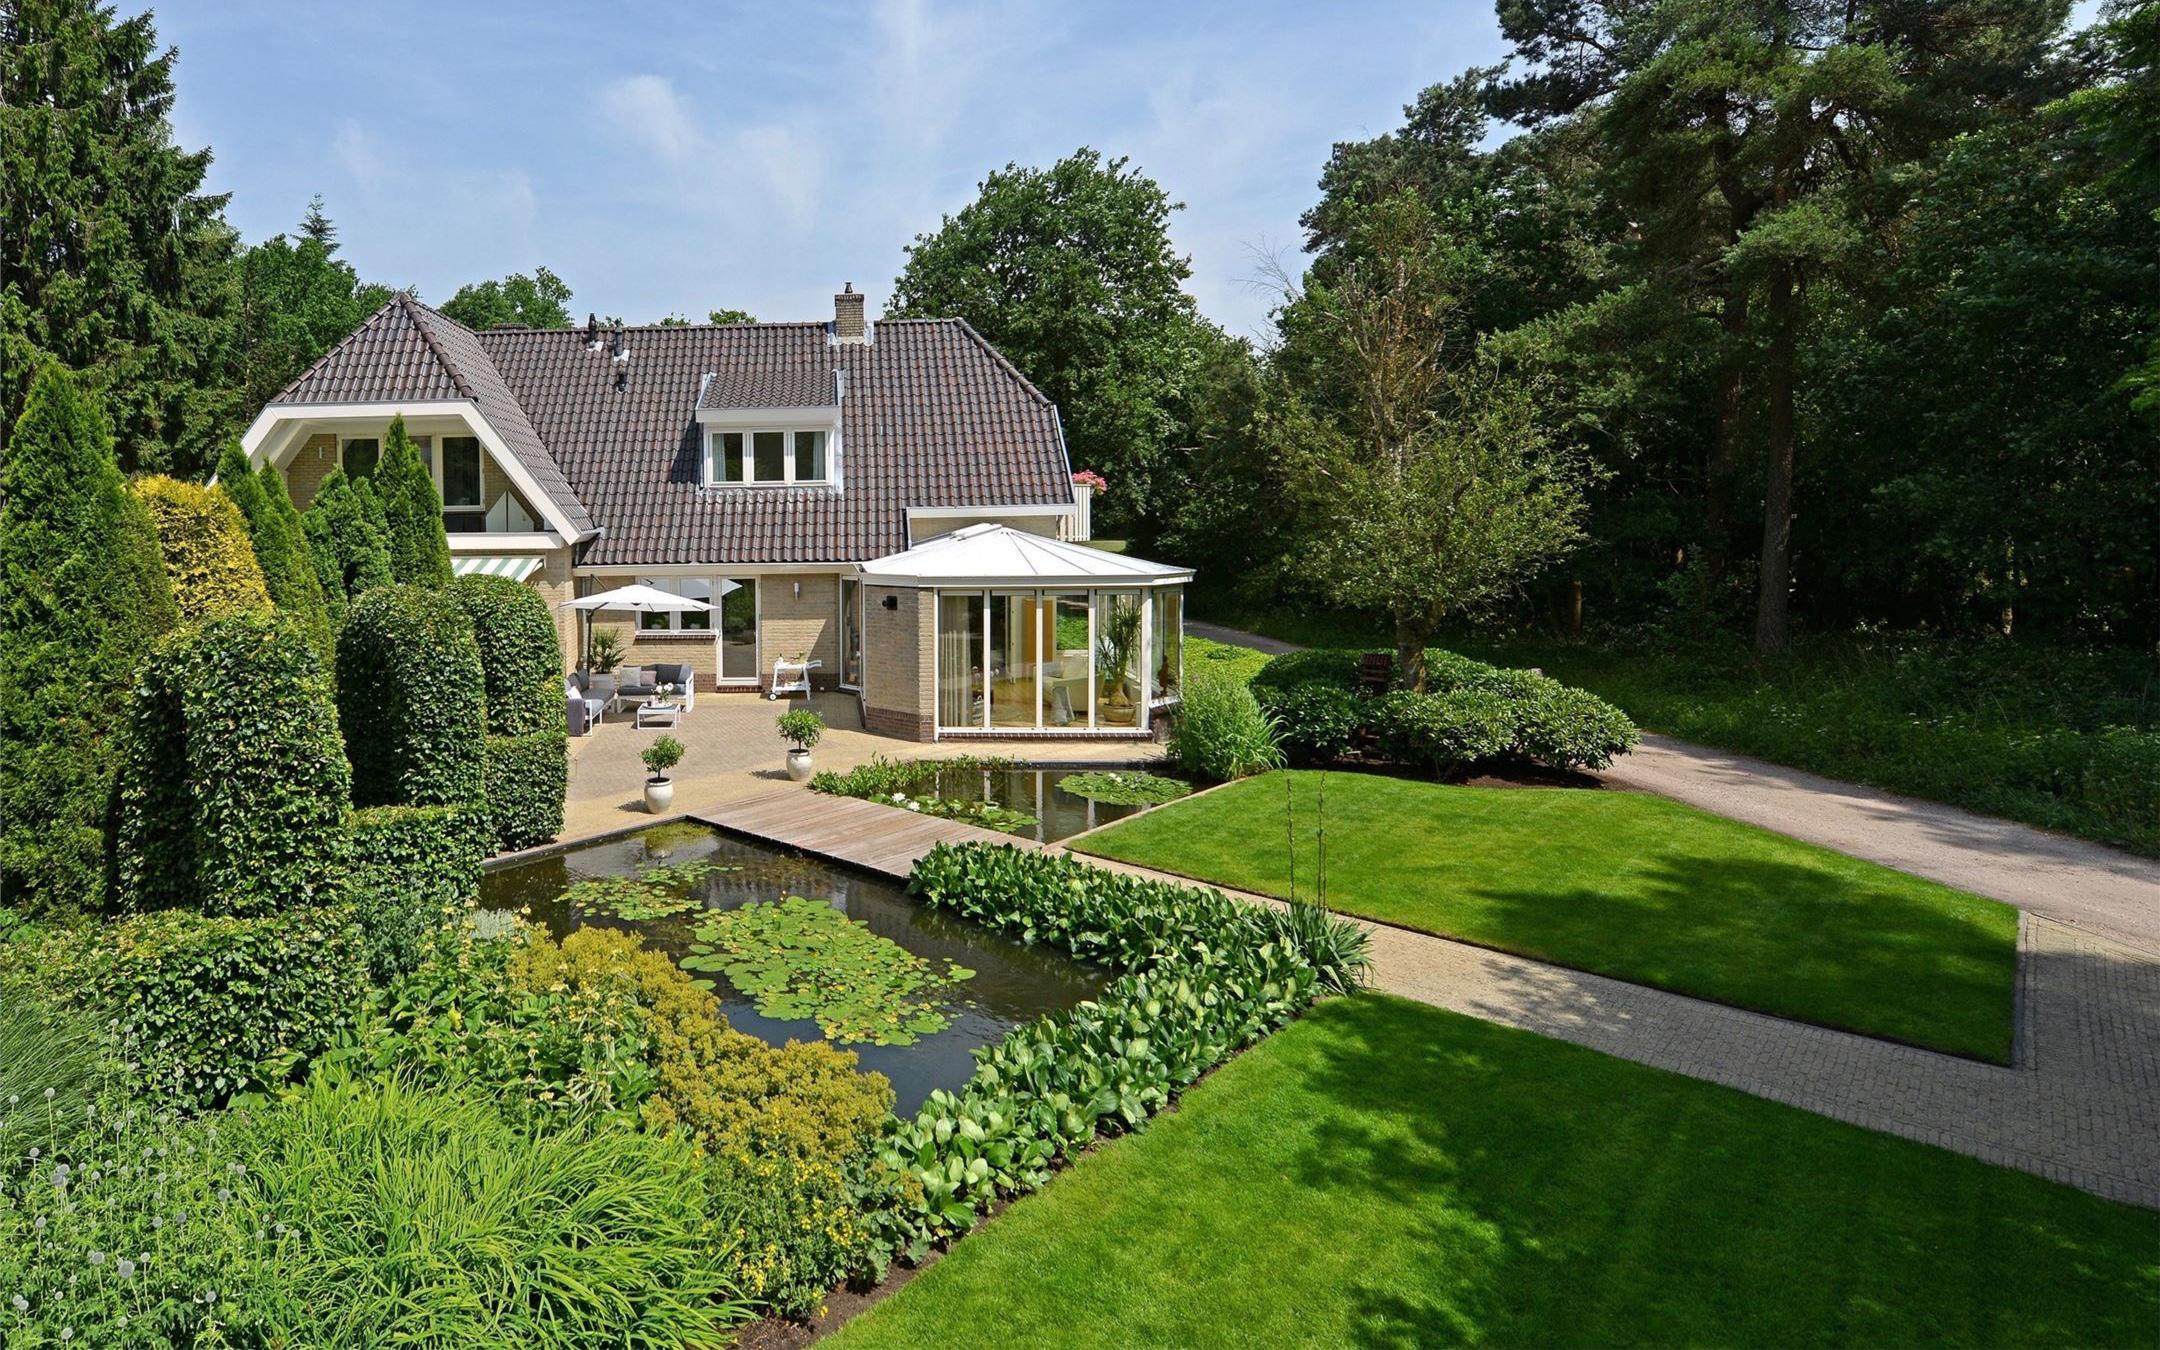 Ngôi nhà thu hút ánh nhìn bởi vẻ đẹp sang trọng của thiên nhiên xung quanh